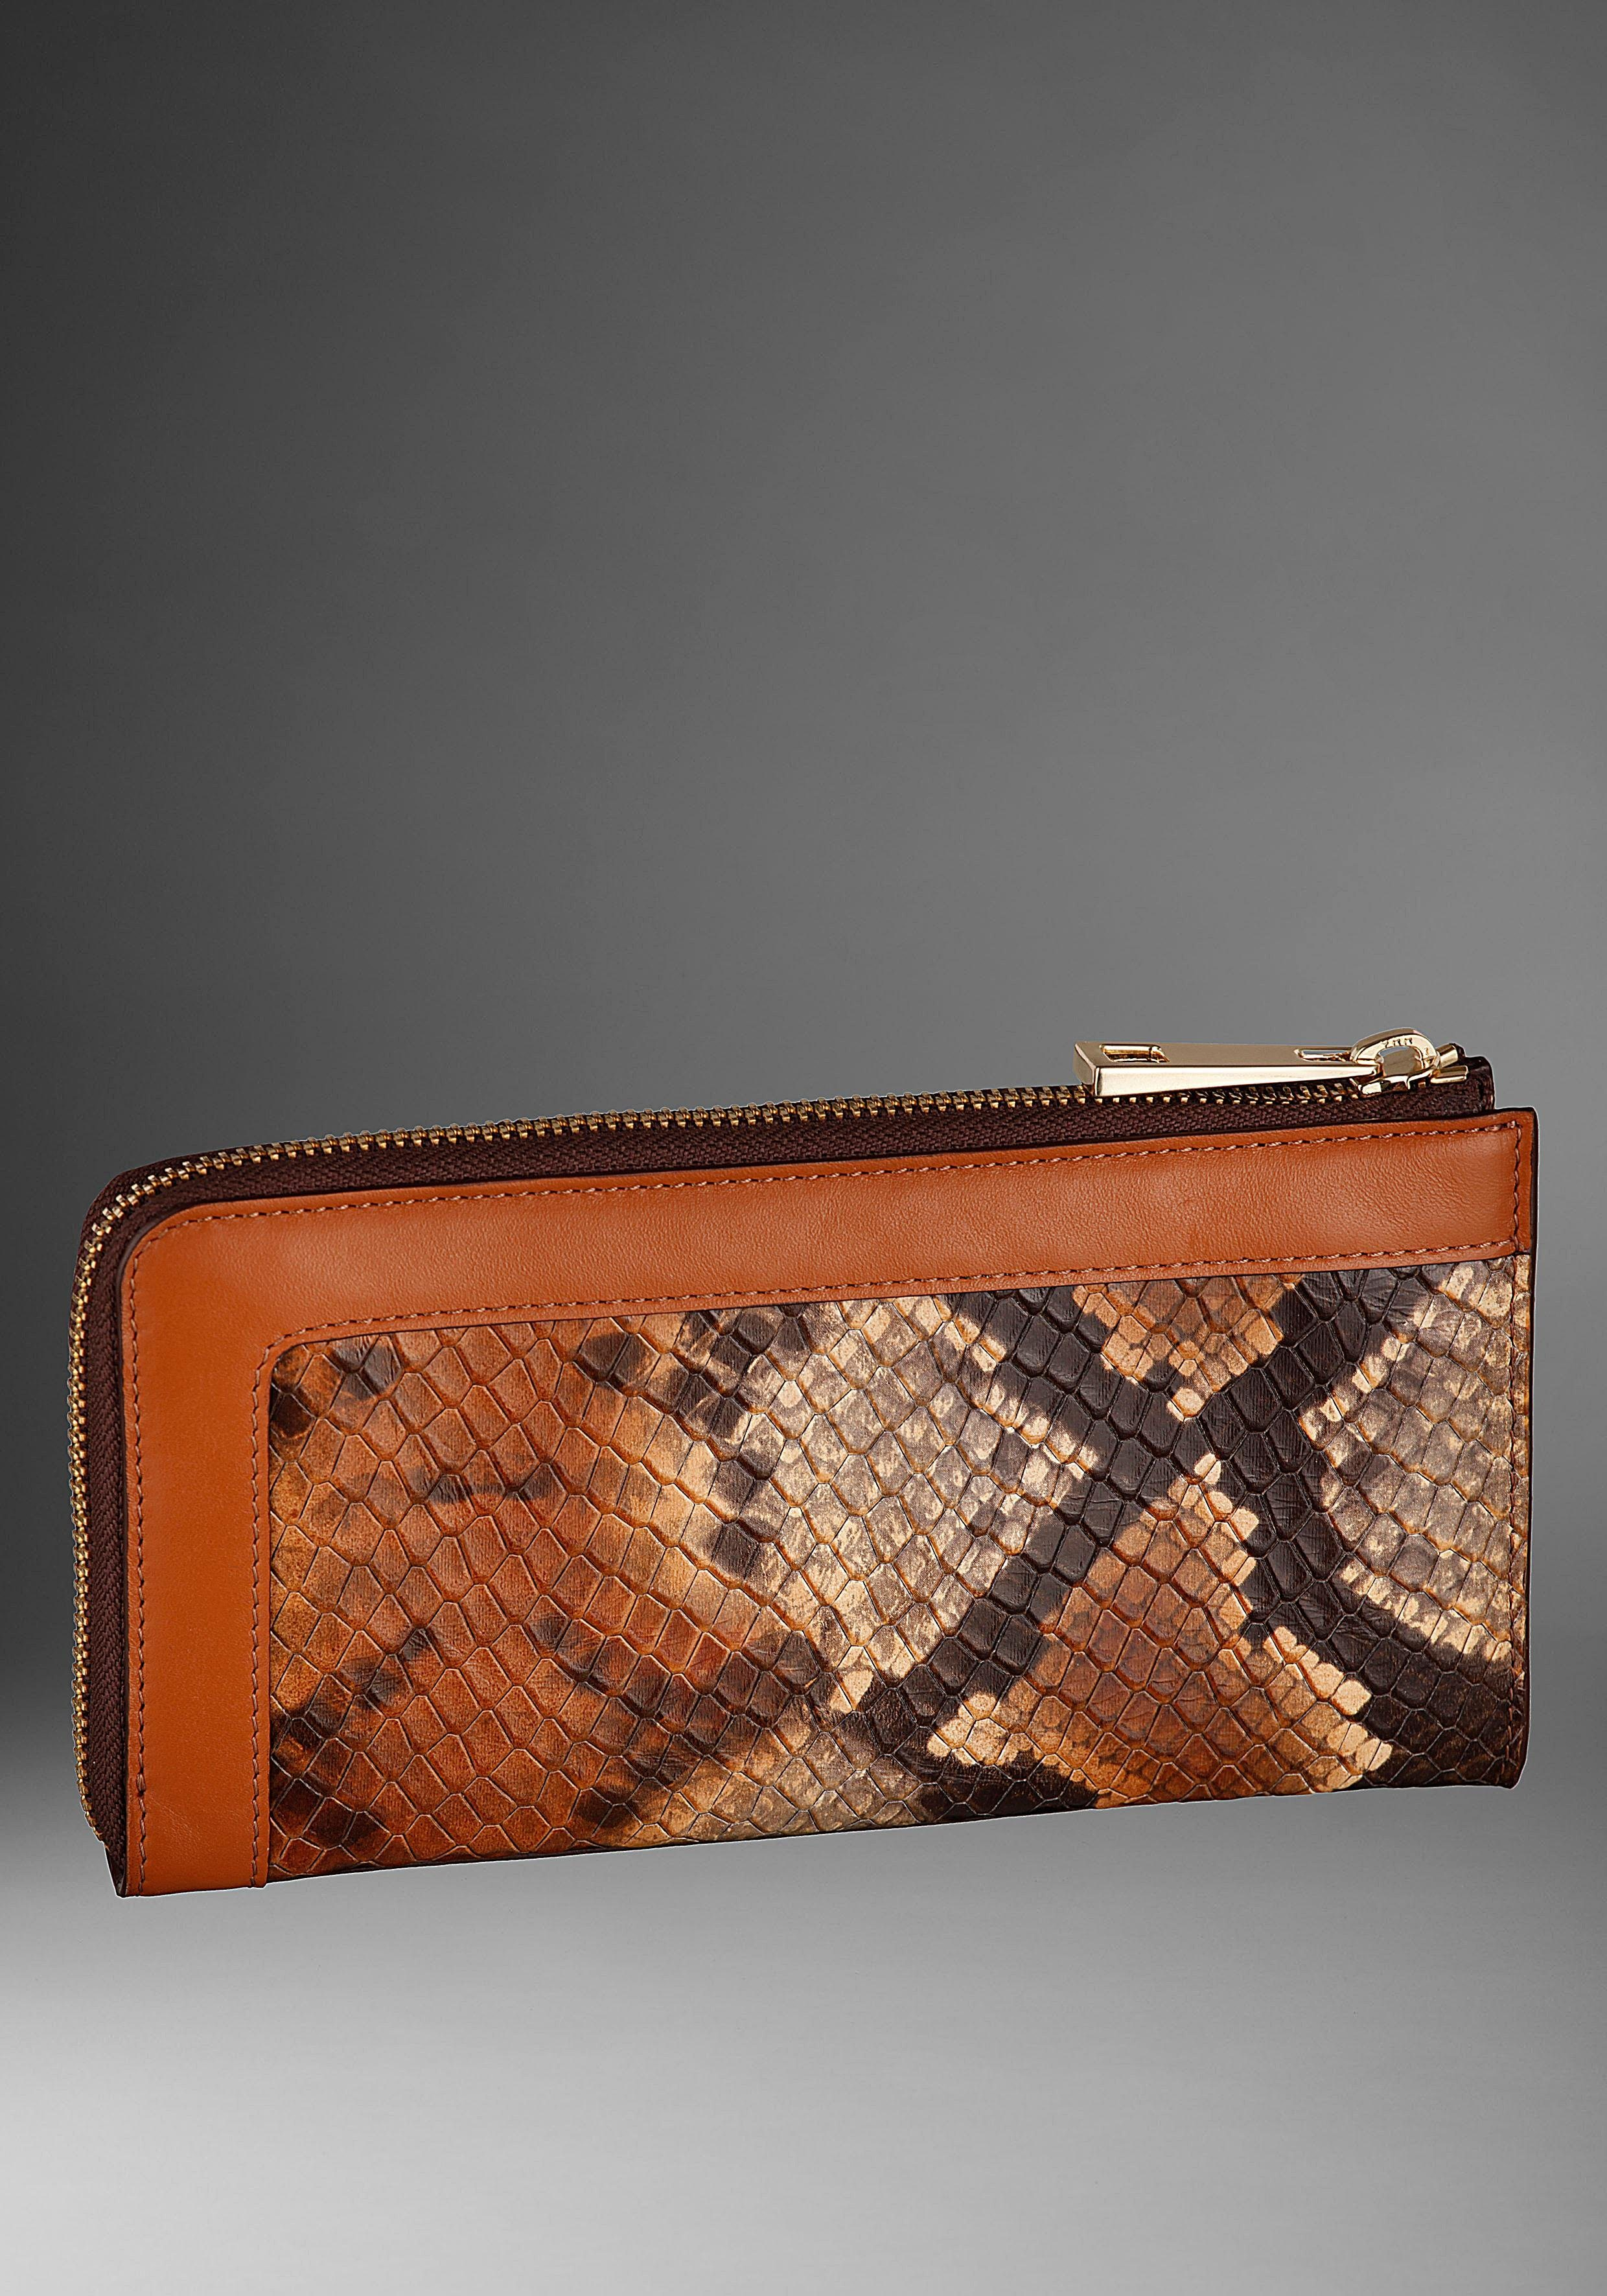 guido maria kretschmer -  Geldbörse, aus Leder mit wilder Snake Prägung